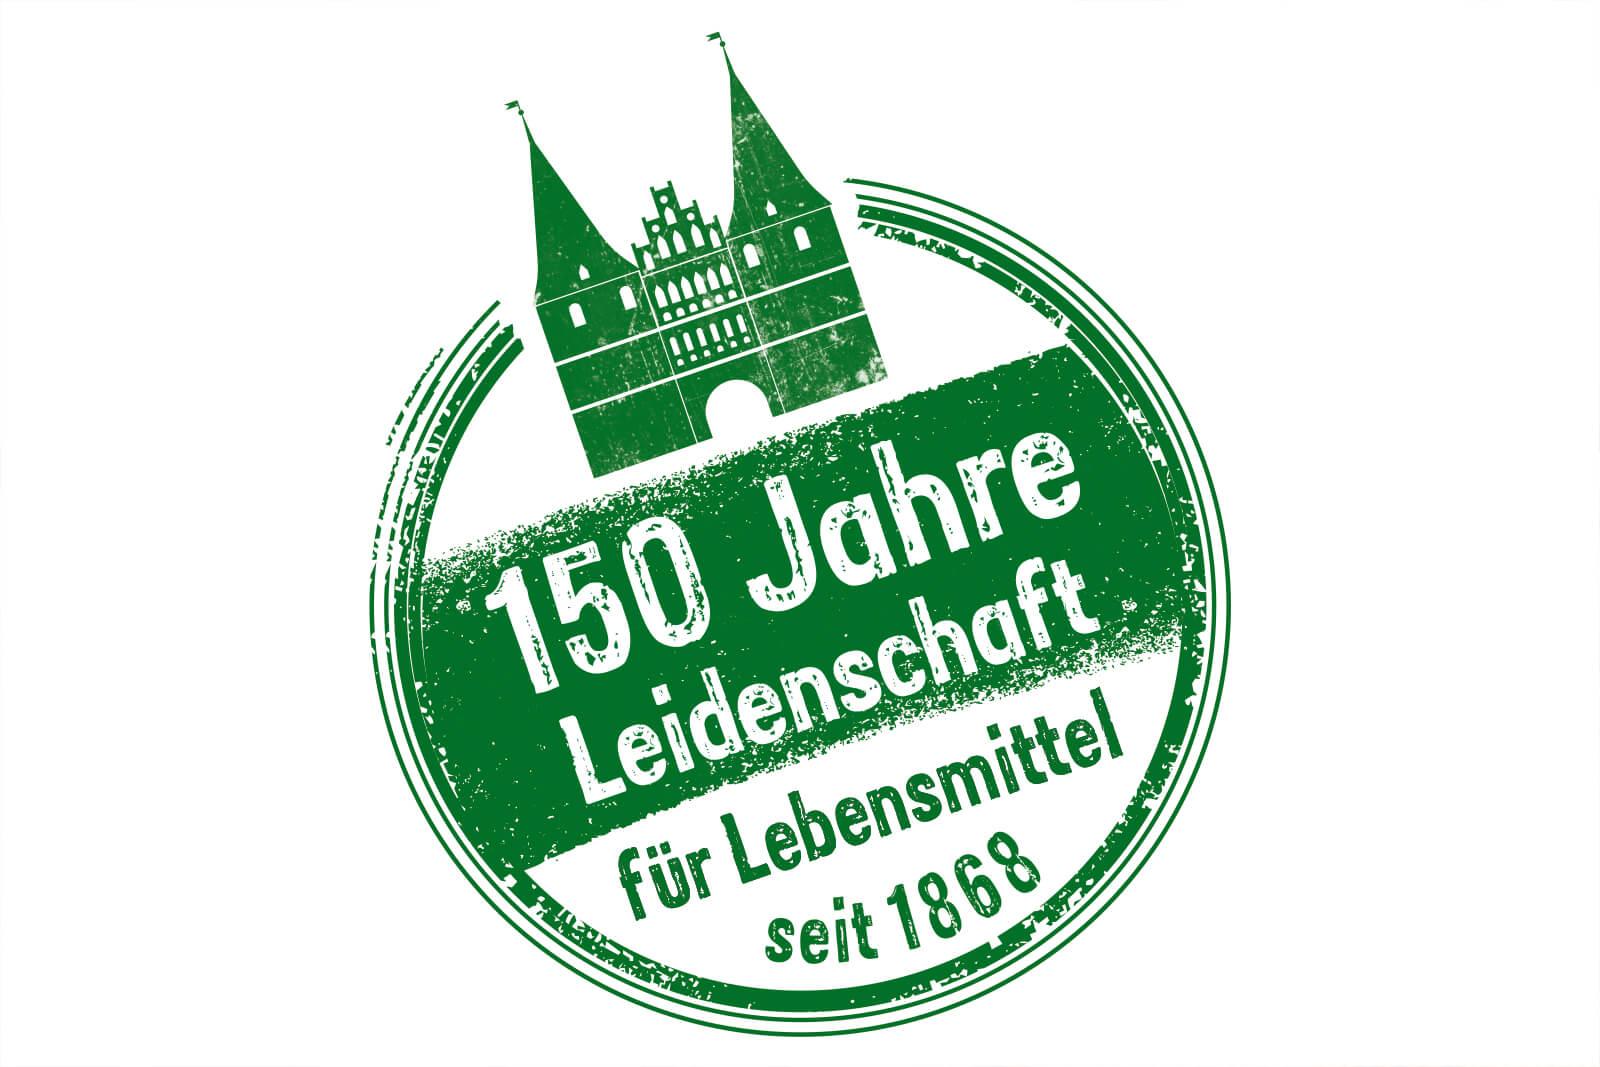 brueggen-bio-150jahre-logo-packaging-design-rubicon-galerie